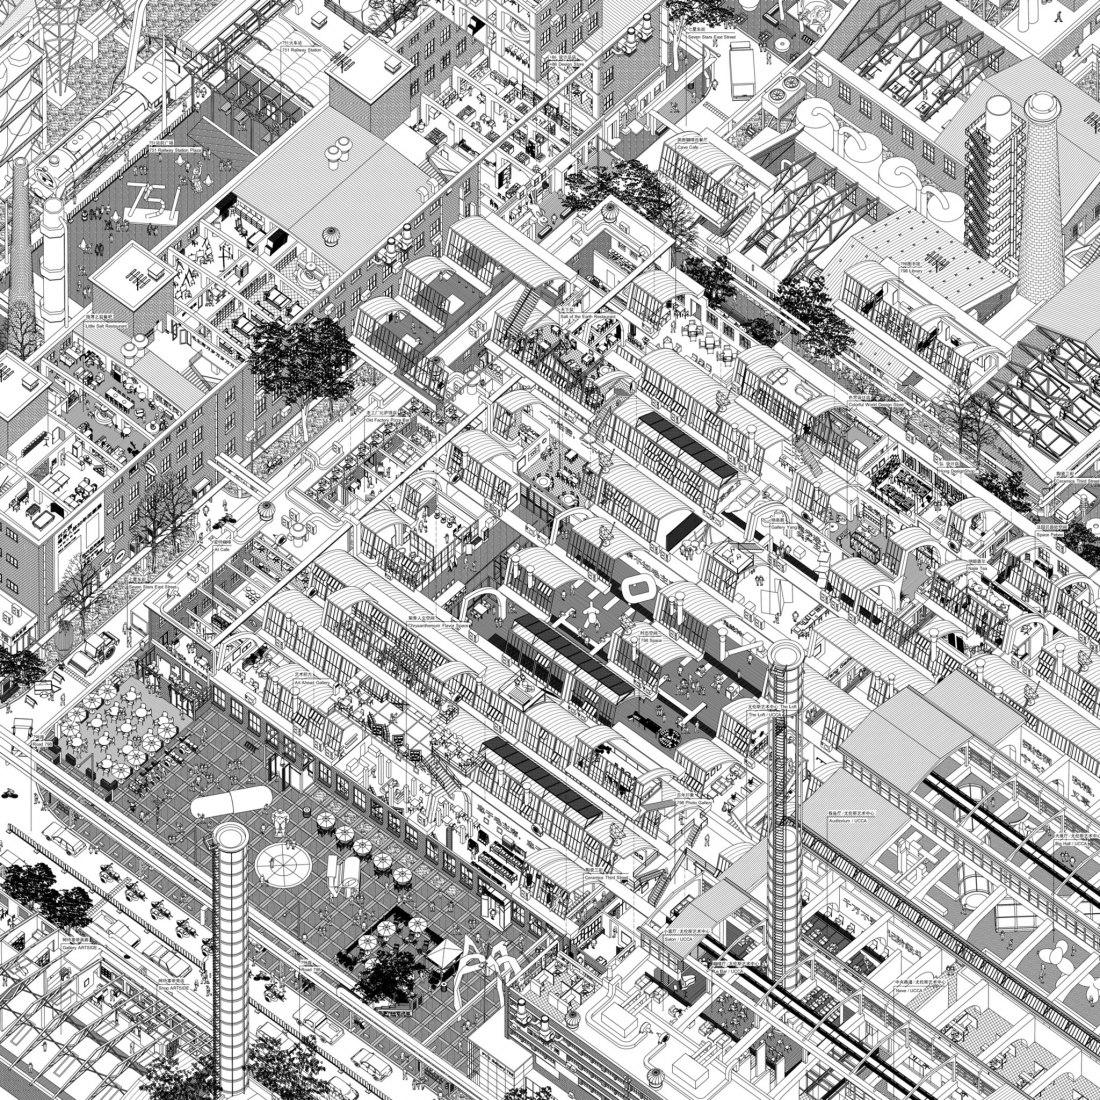 Un dibujo de un pedacito de Pekín: 798, imagen vía The Japan Foundation